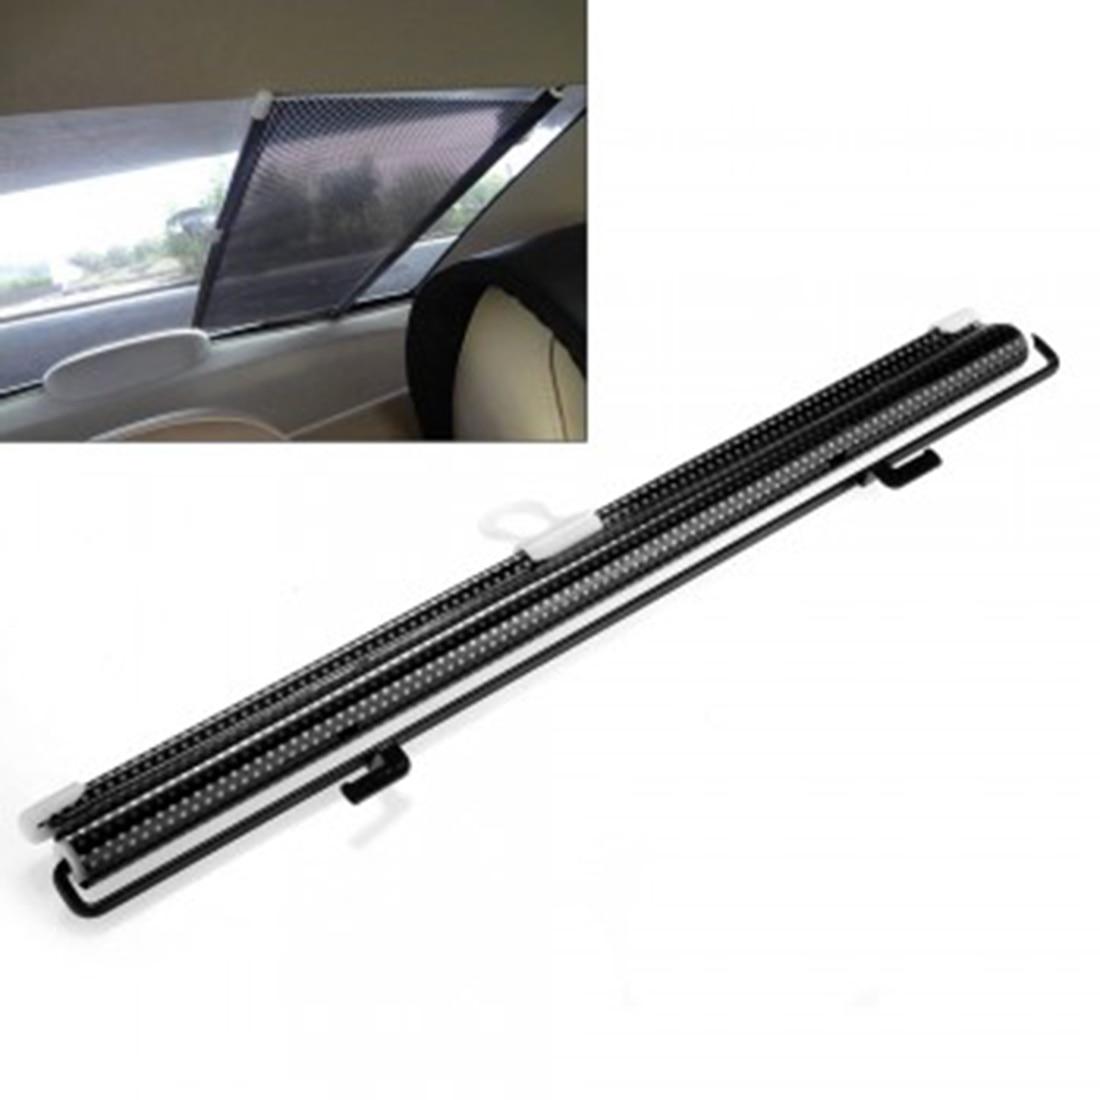 Dewtreetali 1pc Auto Sun Visor Car Window Suction Cup Car Curtain Auto Sun  Shade Car Sun Shade Black Car Styling Covers Sunshade-in Side Window from  ... fbba33b2eff